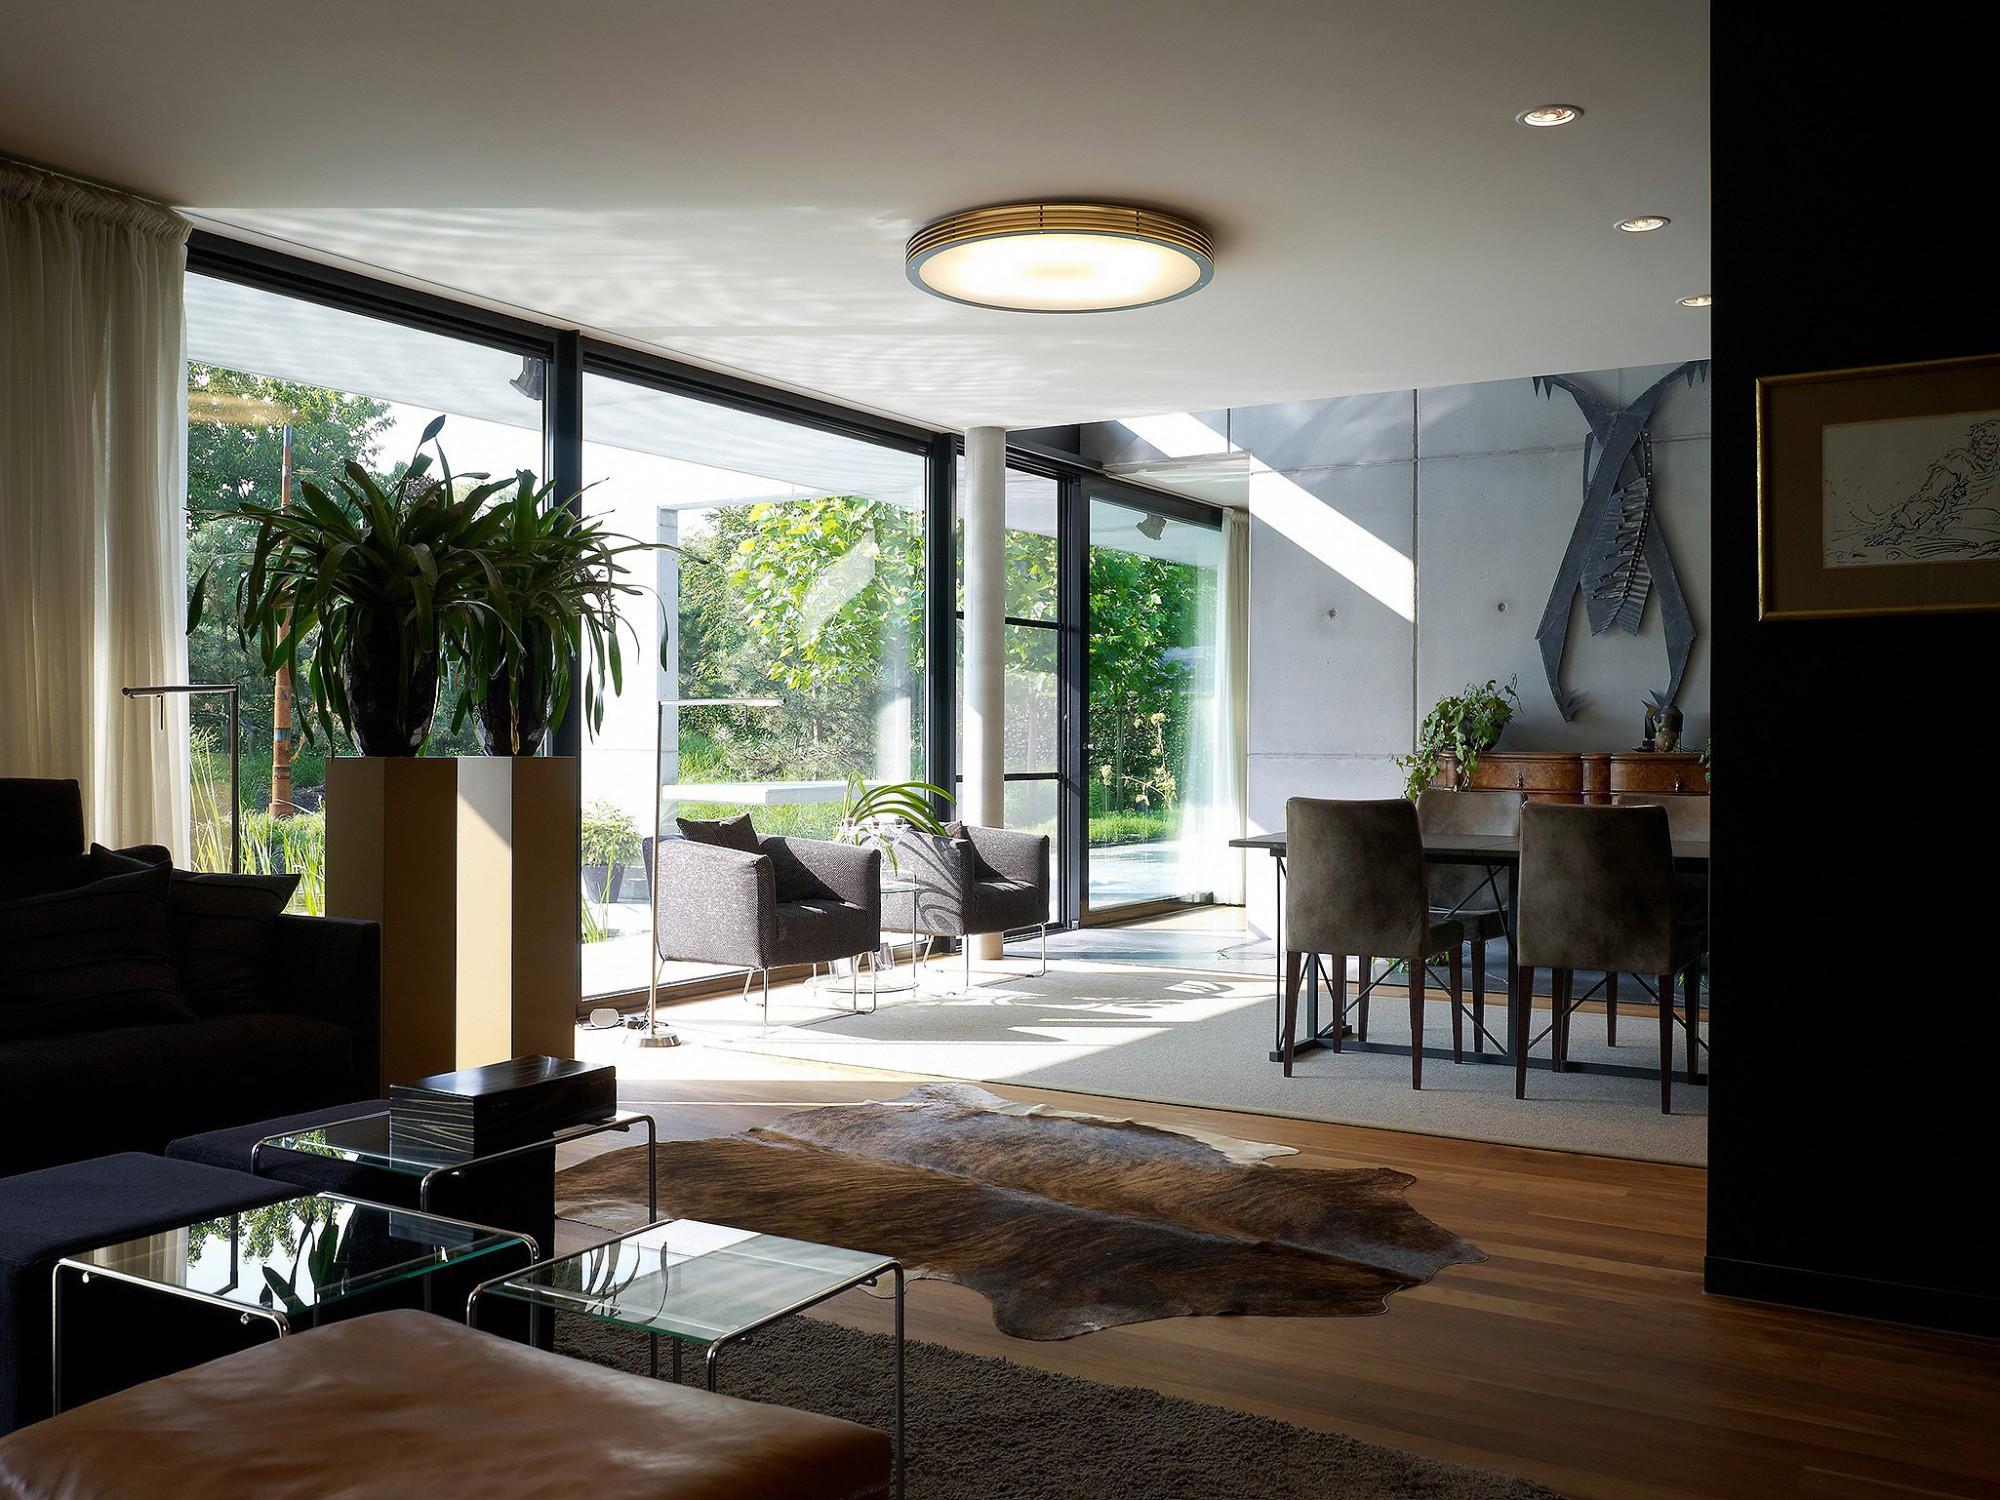 Afbeelding: Fotografie van woningen en interieurs, foto Van Huffel Hoogstraten.